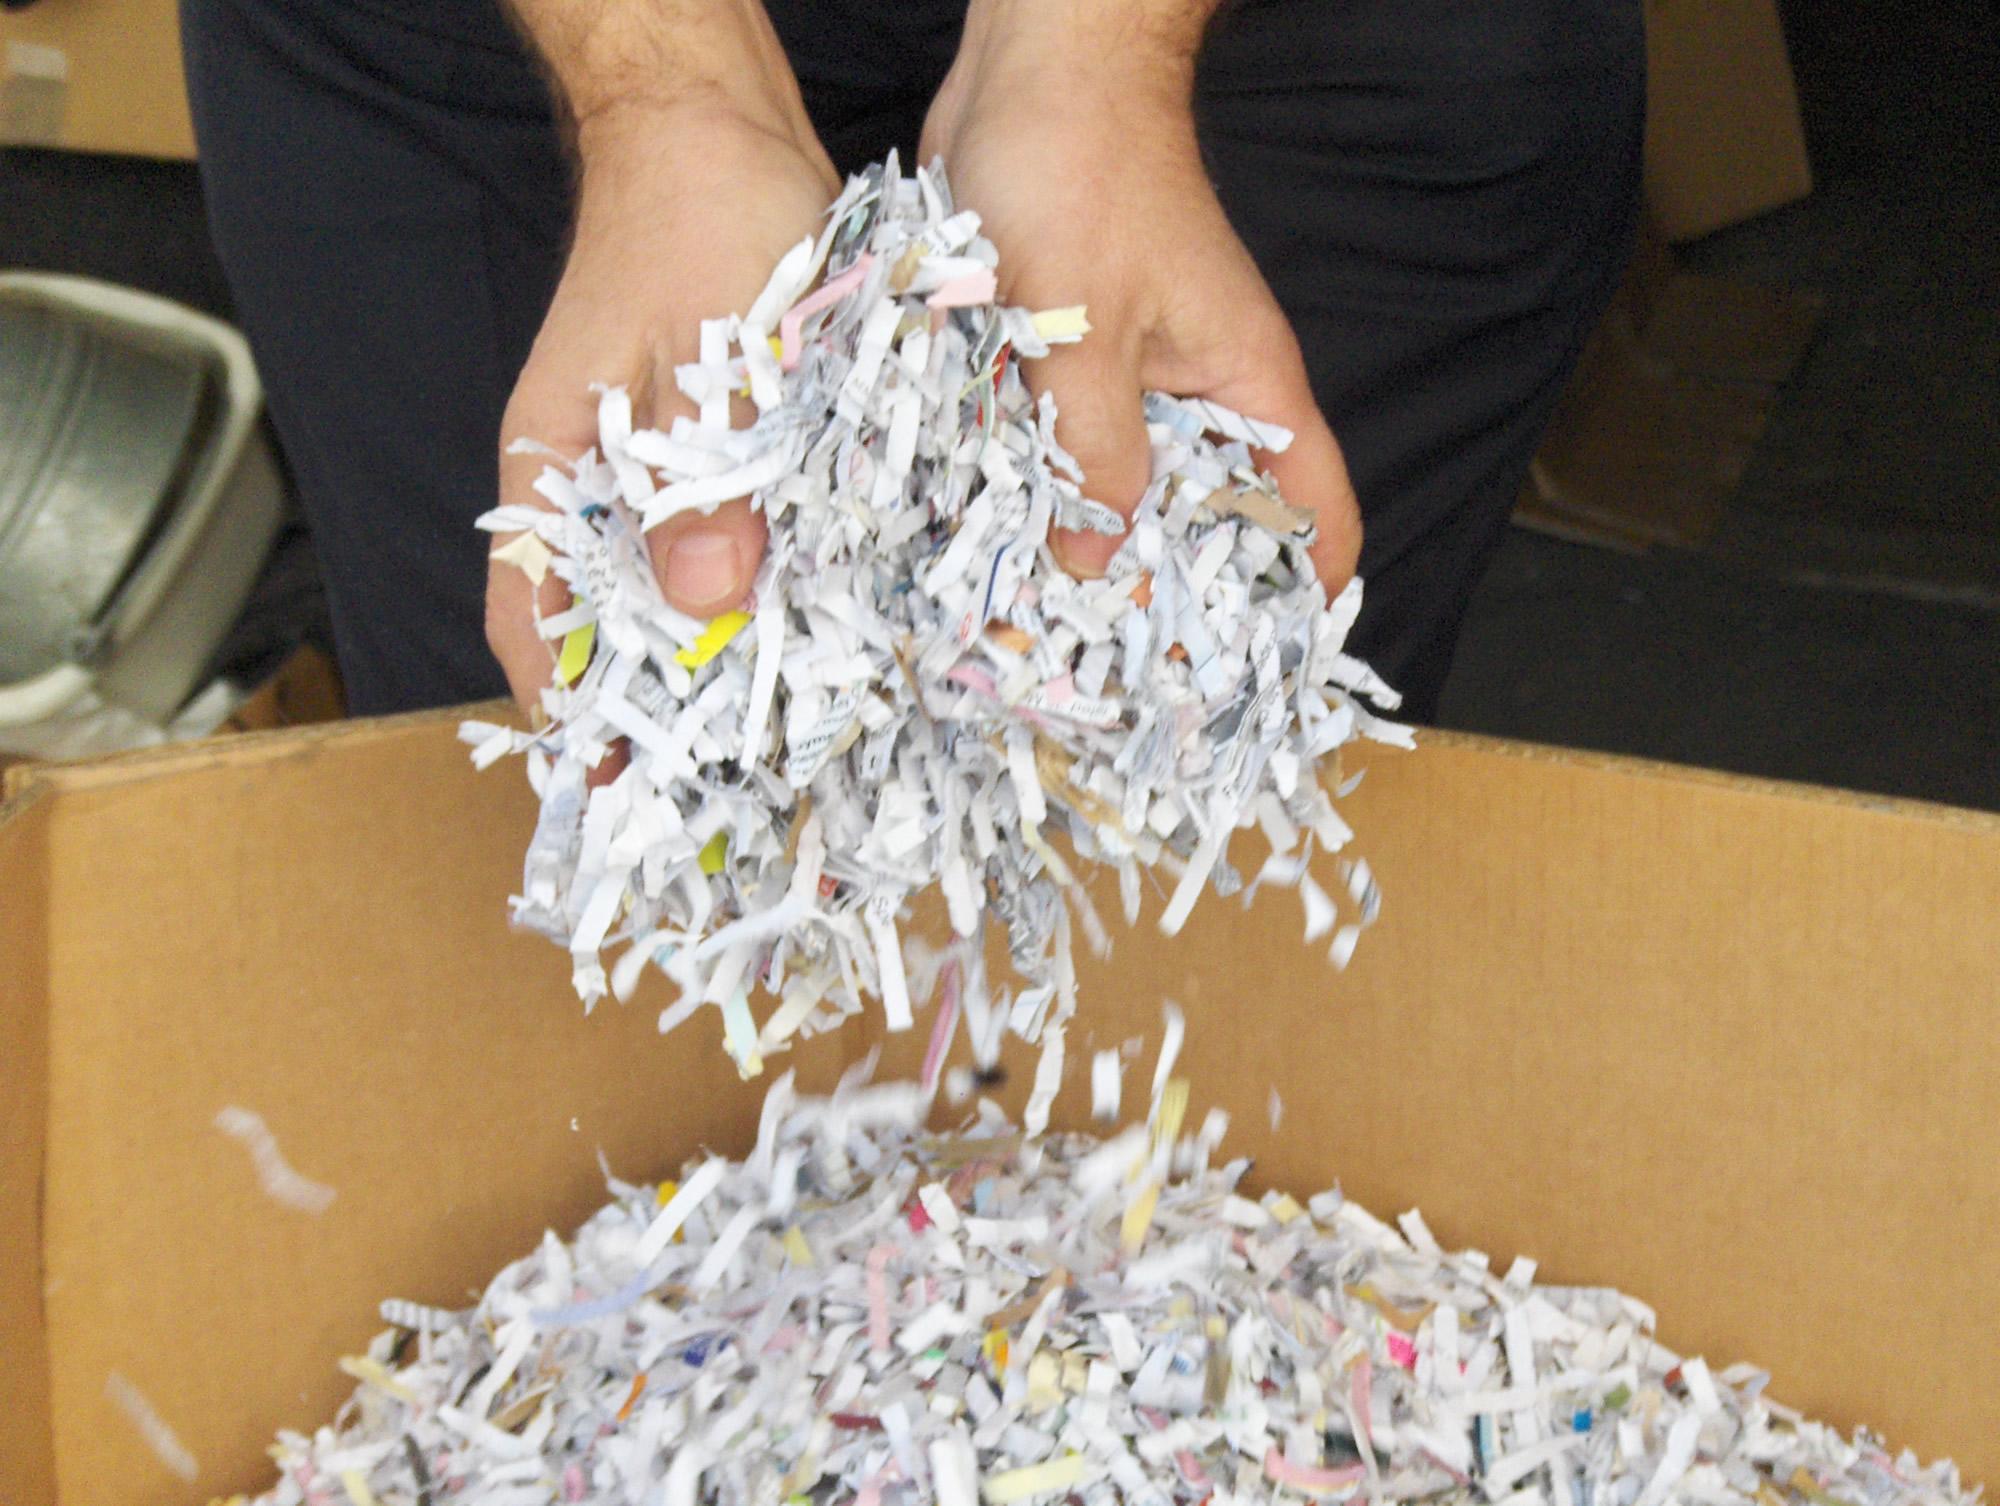 shredded_paper